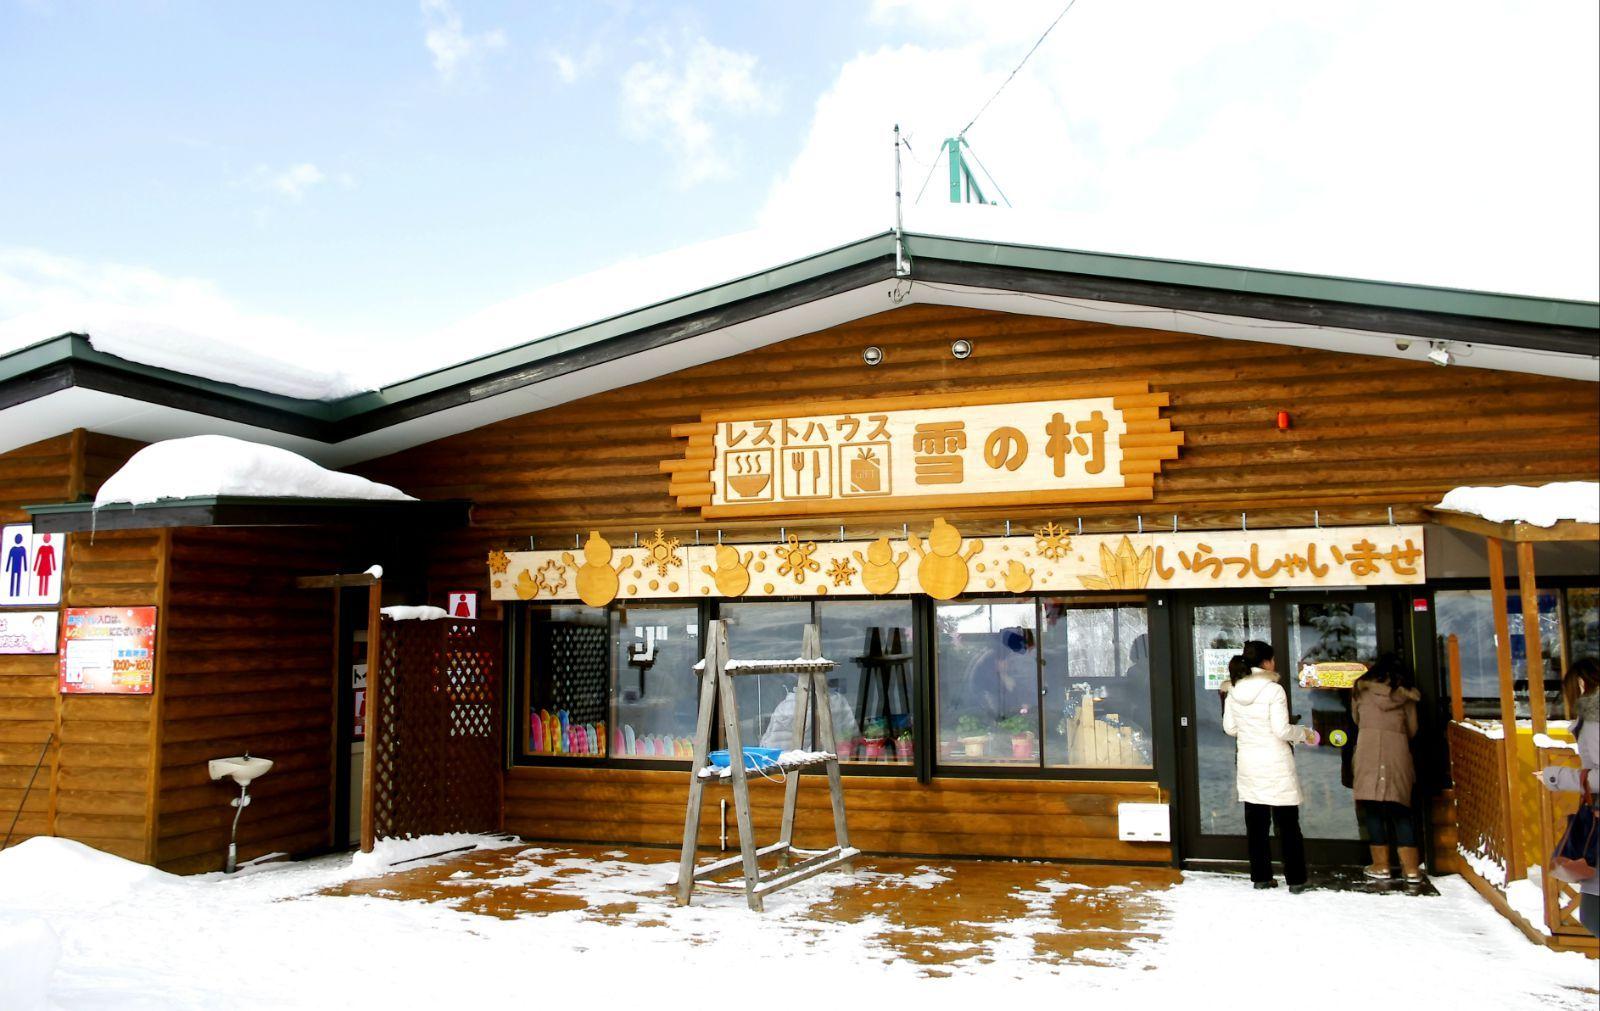 「旭山『雪の村』」的圖片搜尋結果